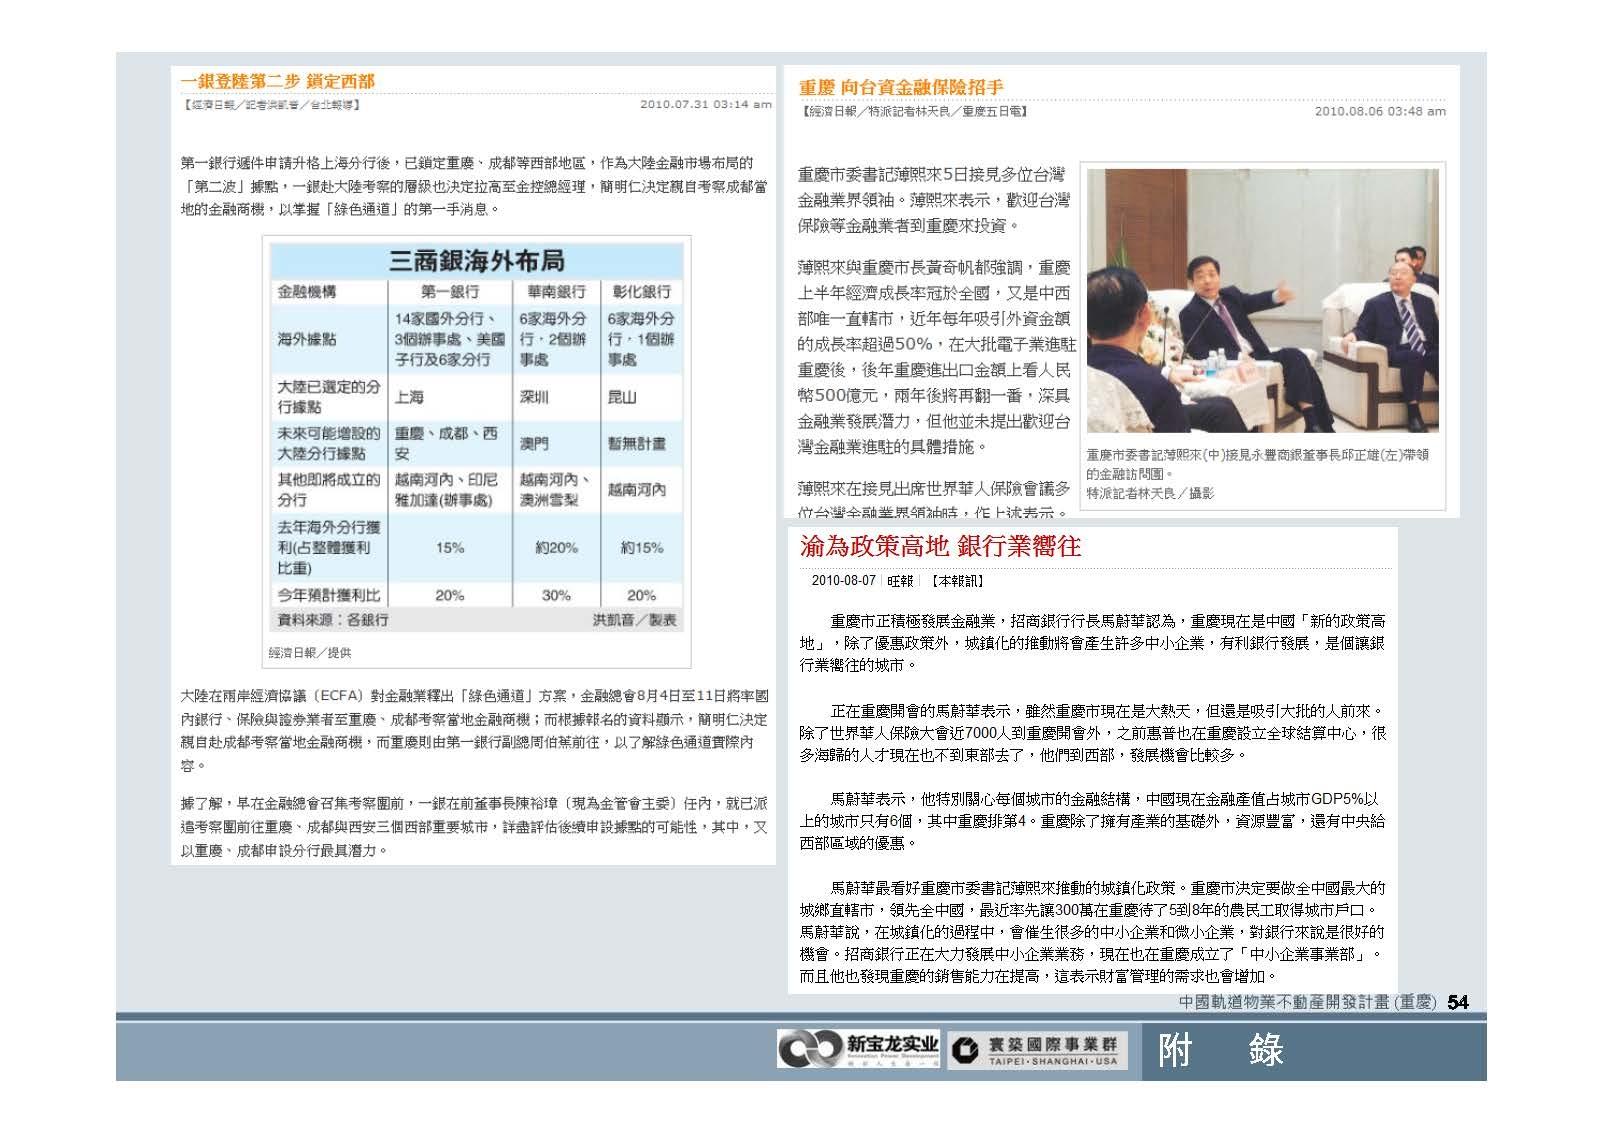 20100812-中國軌道物業不動產開發計畫(重慶)_頁面_55